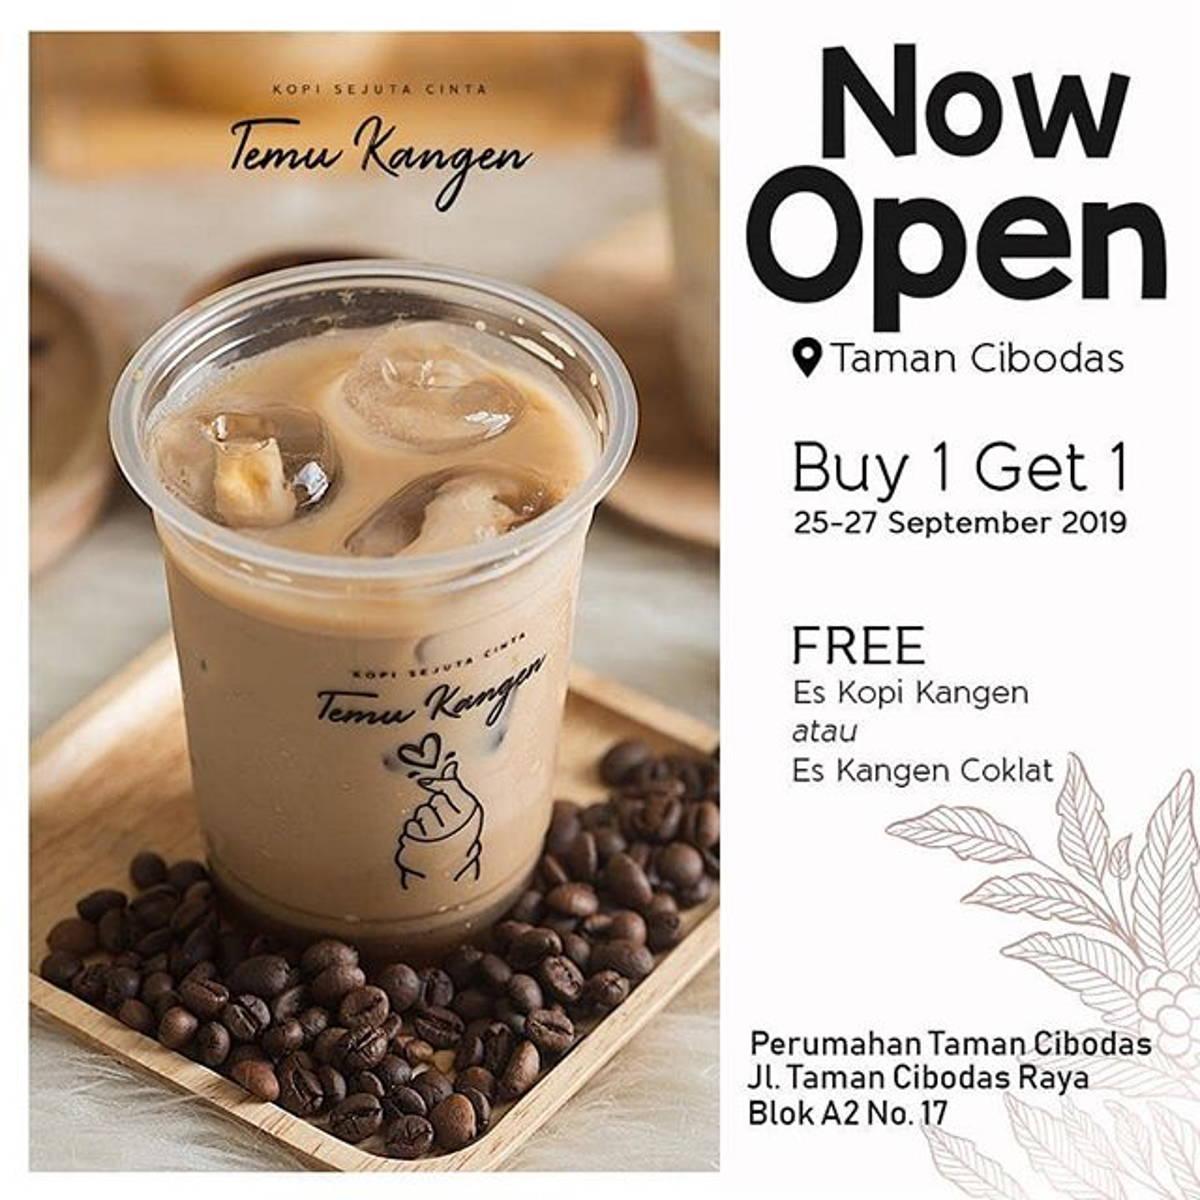 Katalog Promo: Kopi Temu Kangen: PROMO Buy 1 Get 1 FREE Opening Taman Cibodas! - 1